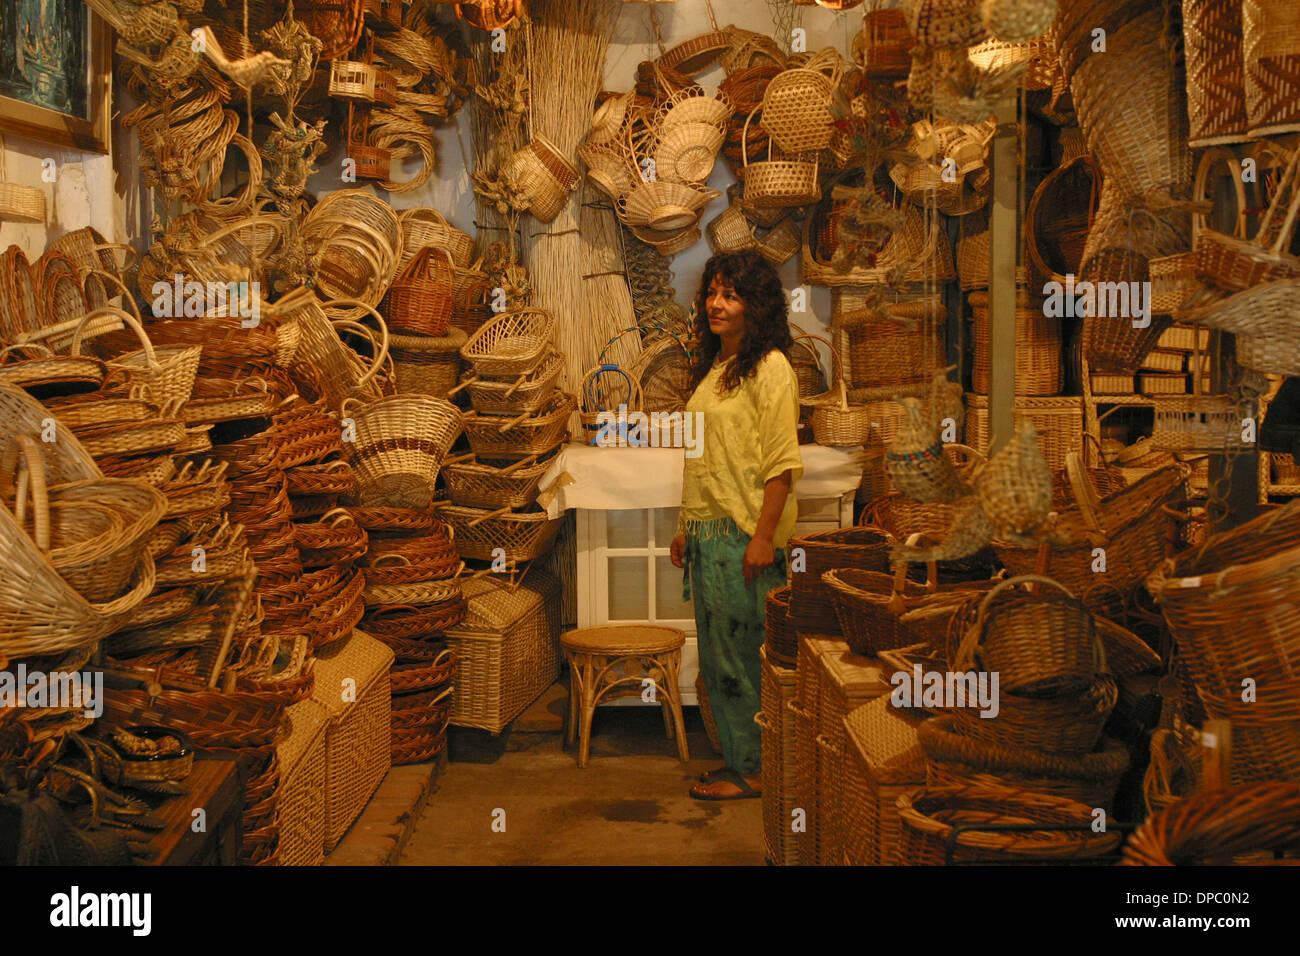 Hand woven baskets at the Pueblo de Artesans Los Dominicos, in the ...